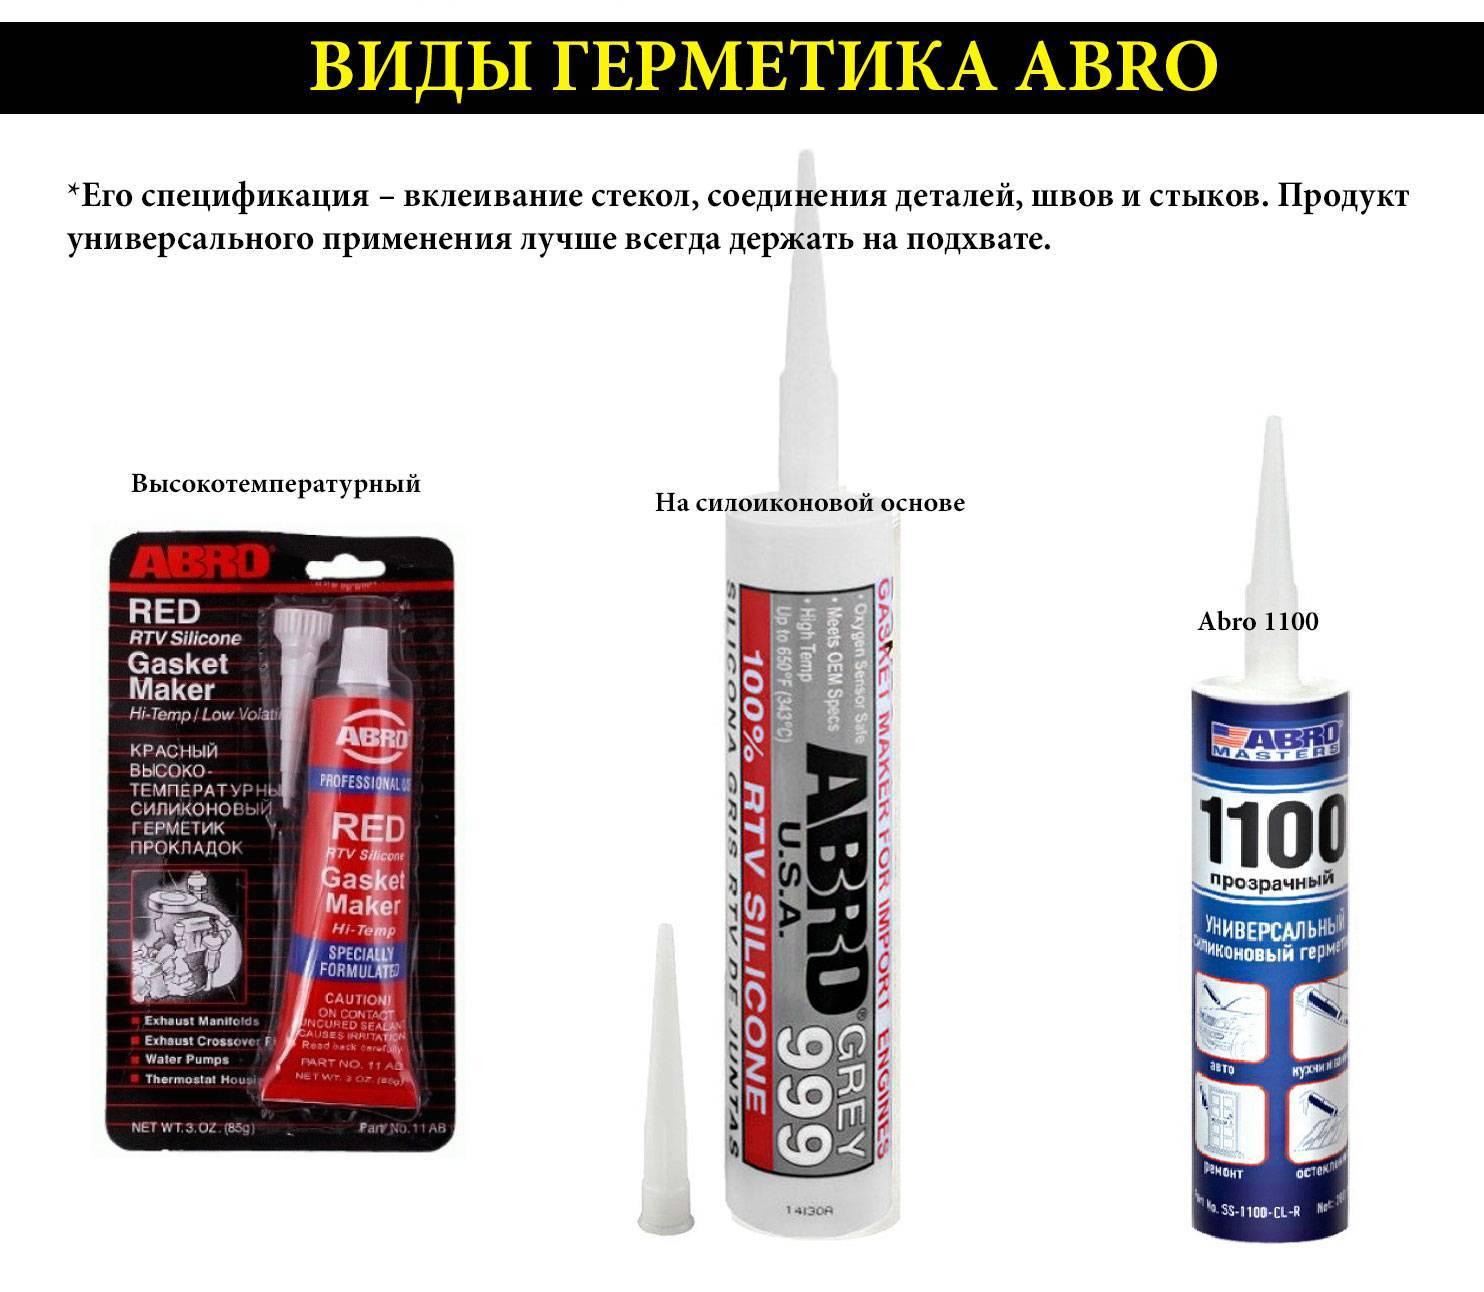 Виды, свойства и применение жаростойких герметиков для печей и дымоходов